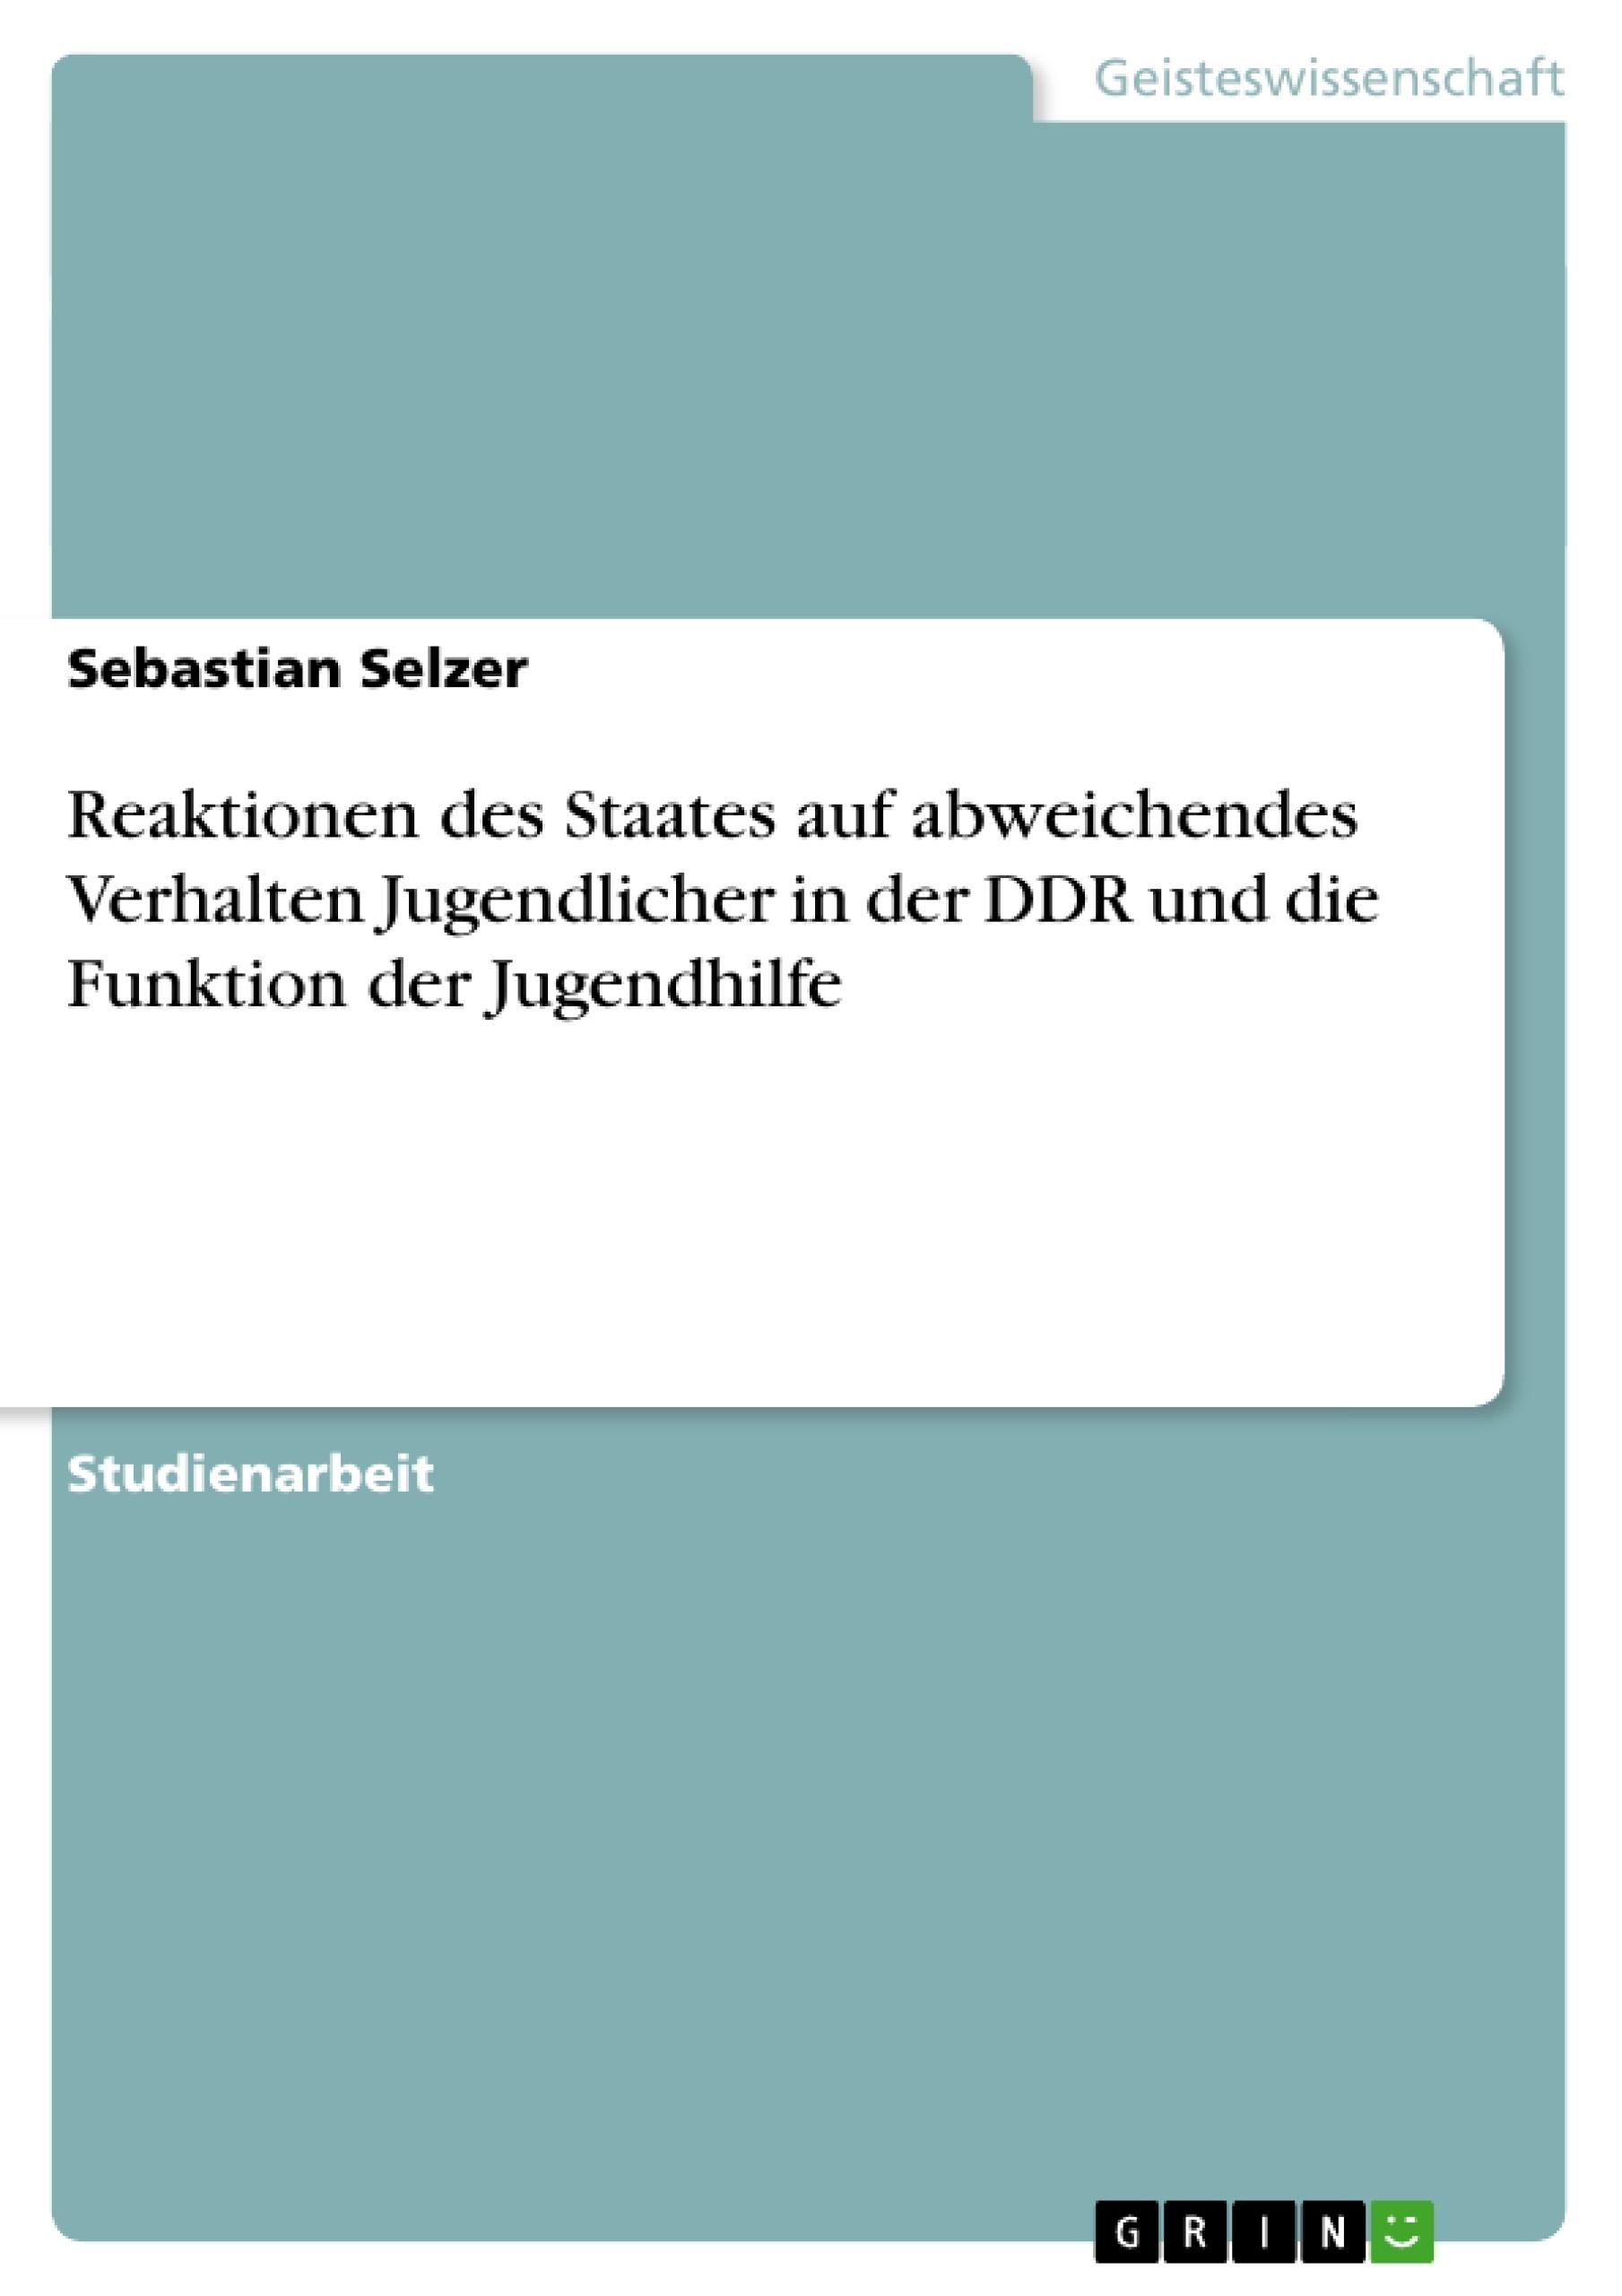 Titel: Reaktionen des Staates auf abweichendes Verhalten Jugendlicher in der DDR und die Funktion der Jugendhilfe